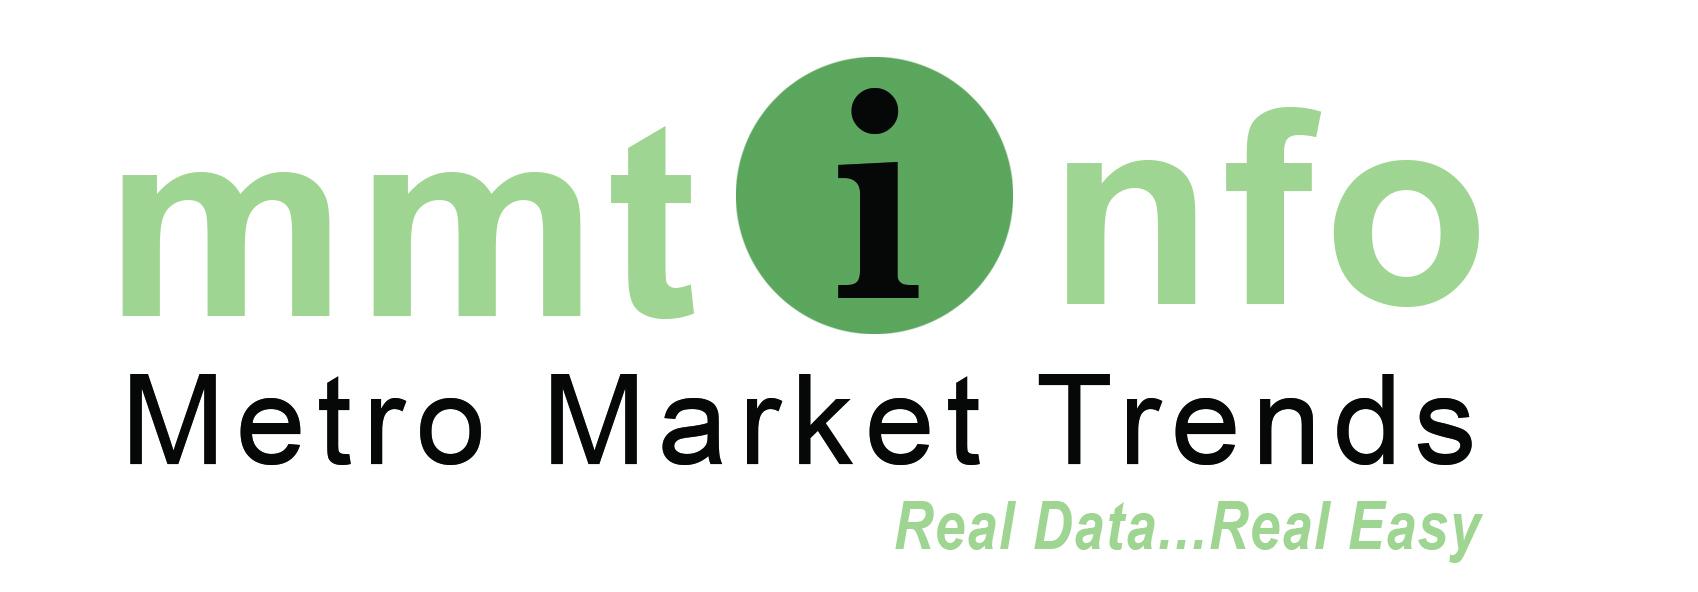 MMT - Metro Market Trends